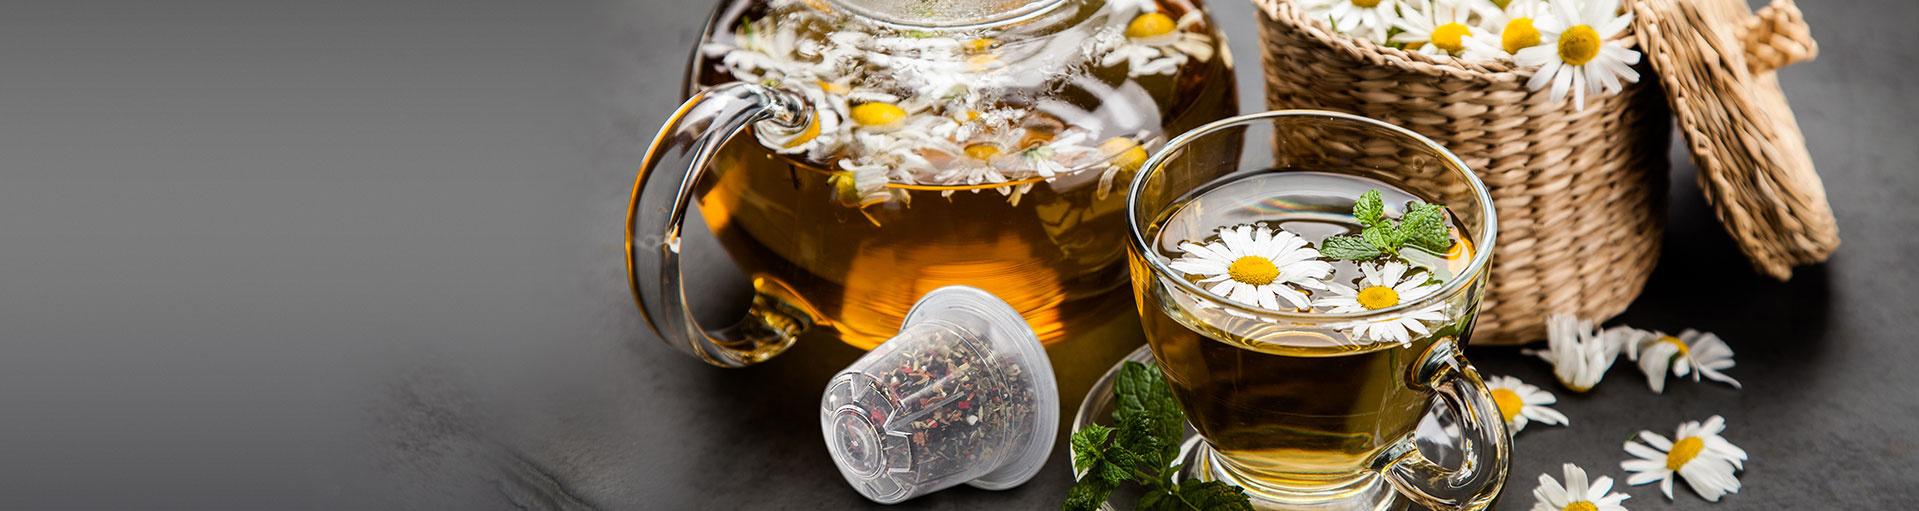 Thés, tisanes et infusions en capsules ou dosettes pour votre machine espresso: bien-être, détente, camomille, thé vert, thé noir, thé citron, thé menthe, tisane aux fruits des bois ou au gingembre et citron